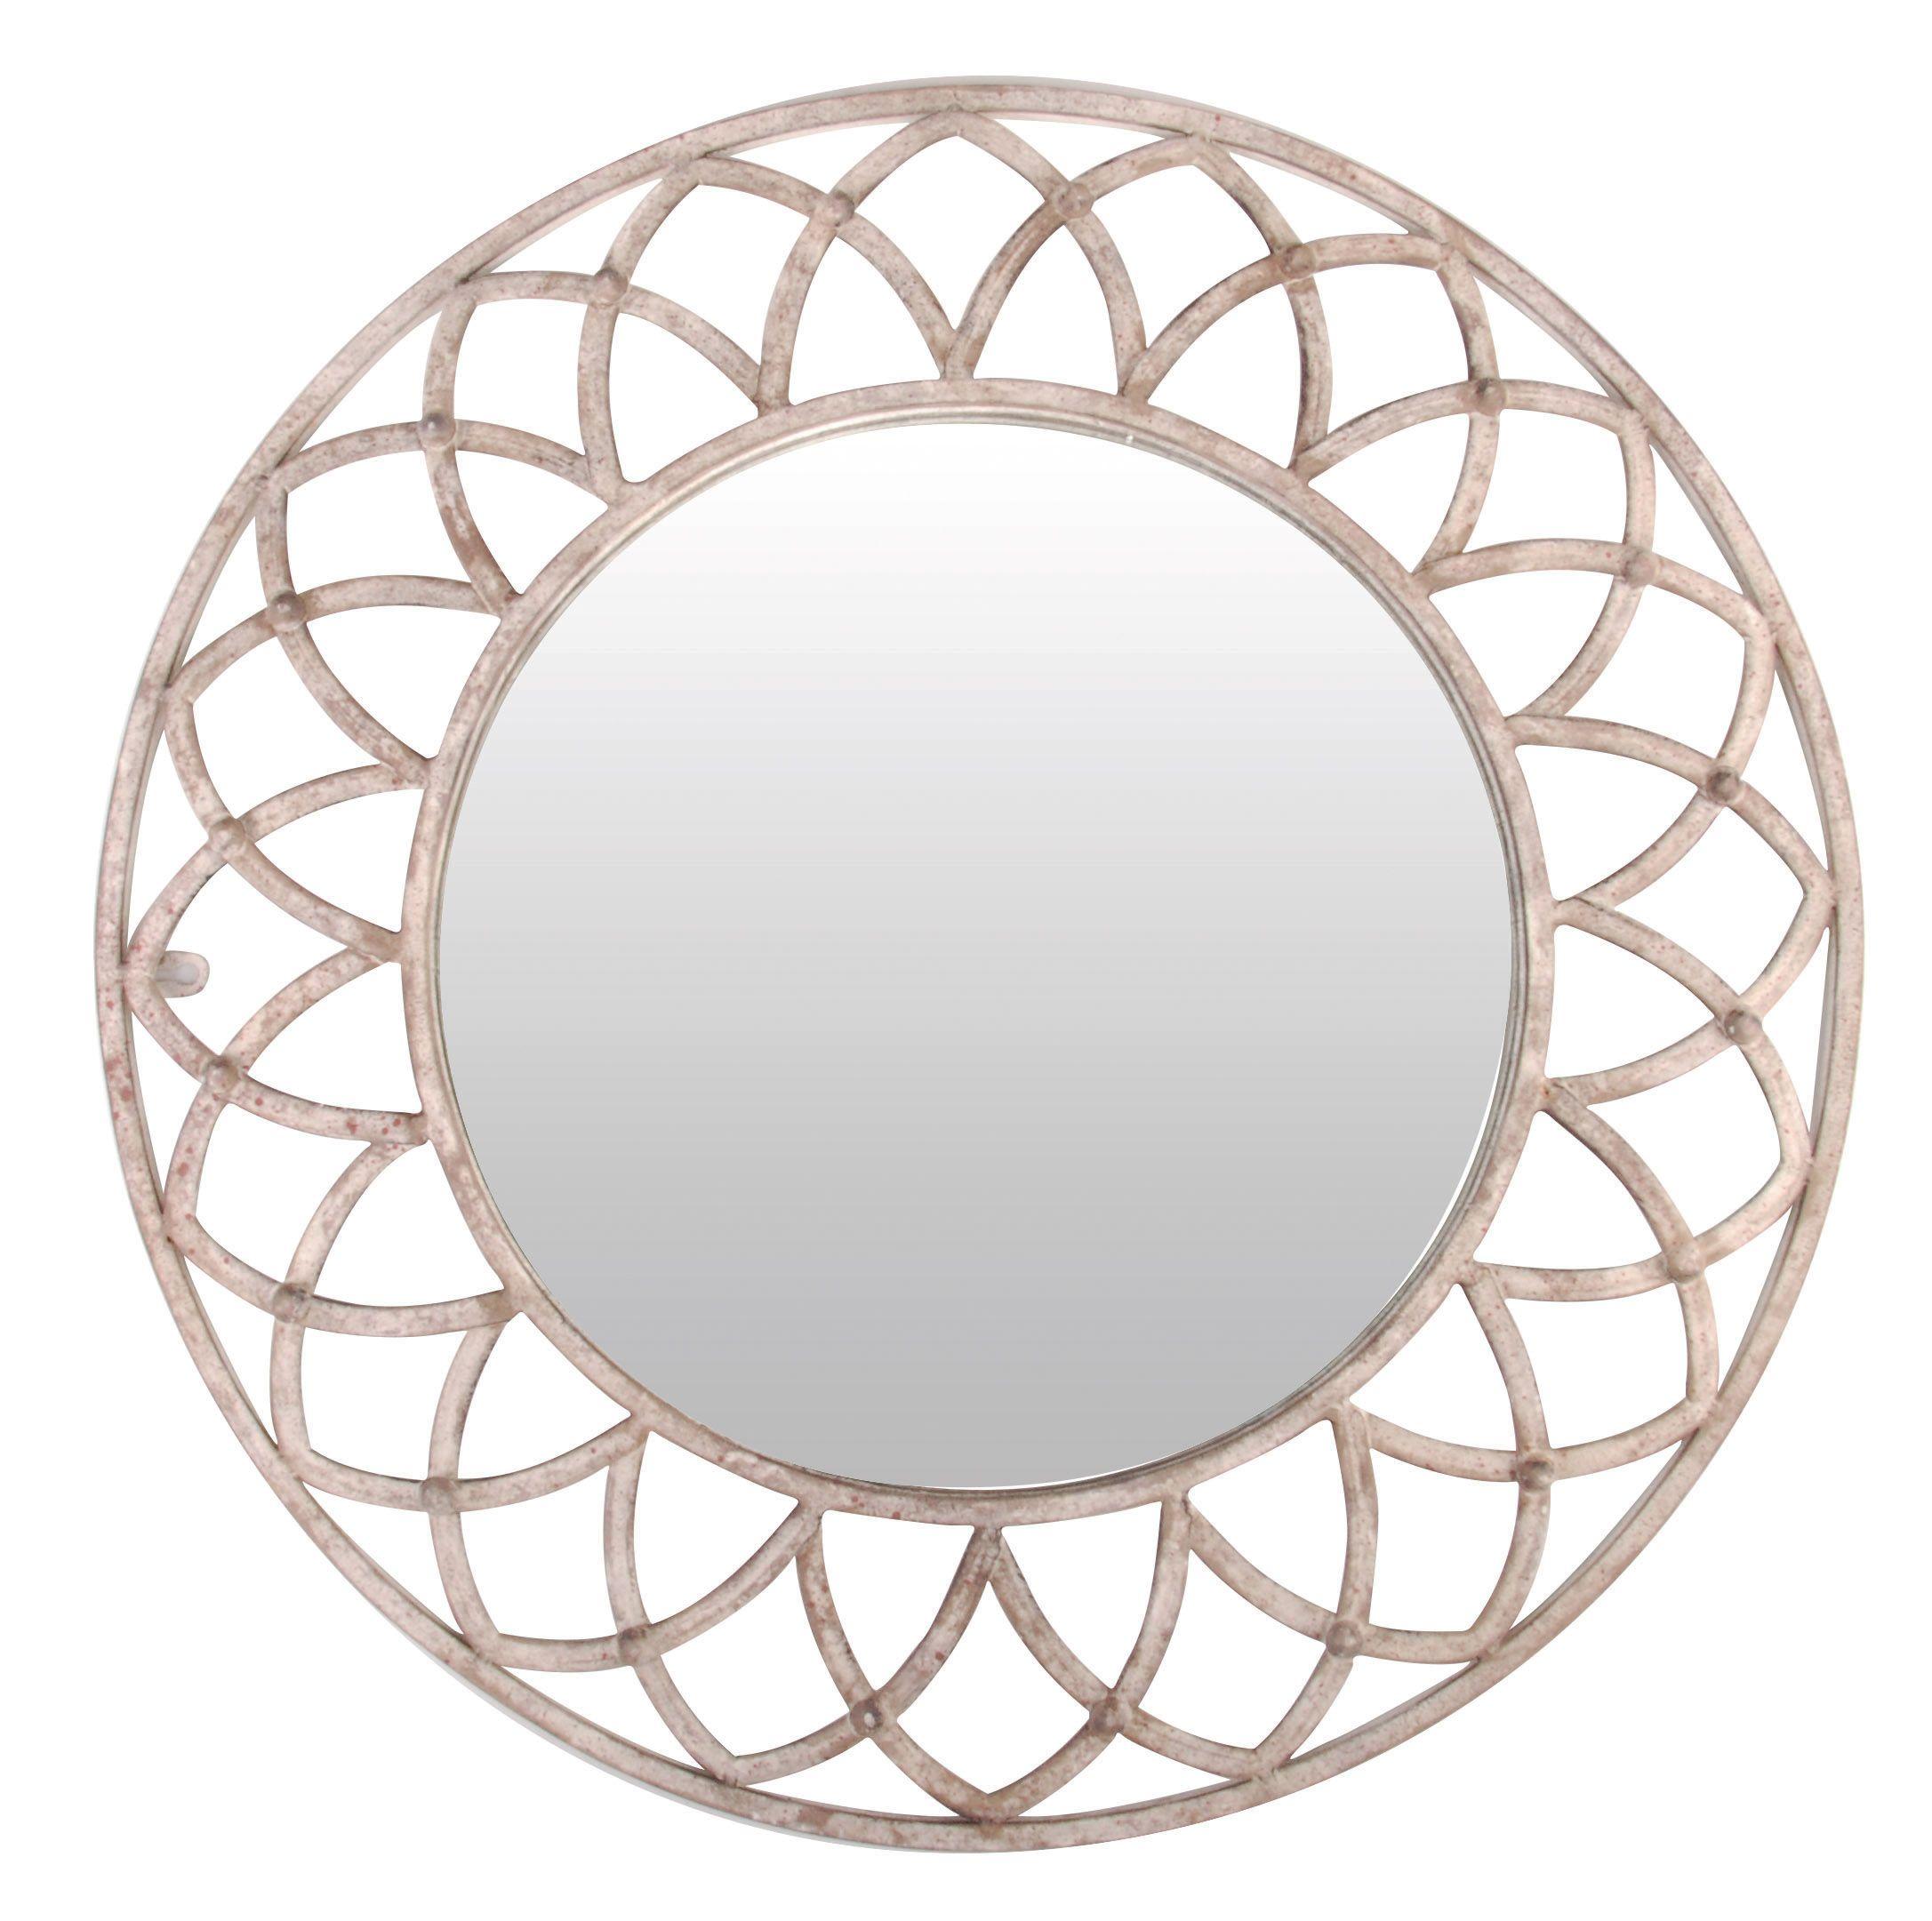 Dieser Außergewöhnliche Spiegel Im Landhausstil In Weiß/Grauem Aged Metall  Von Esschert Design,